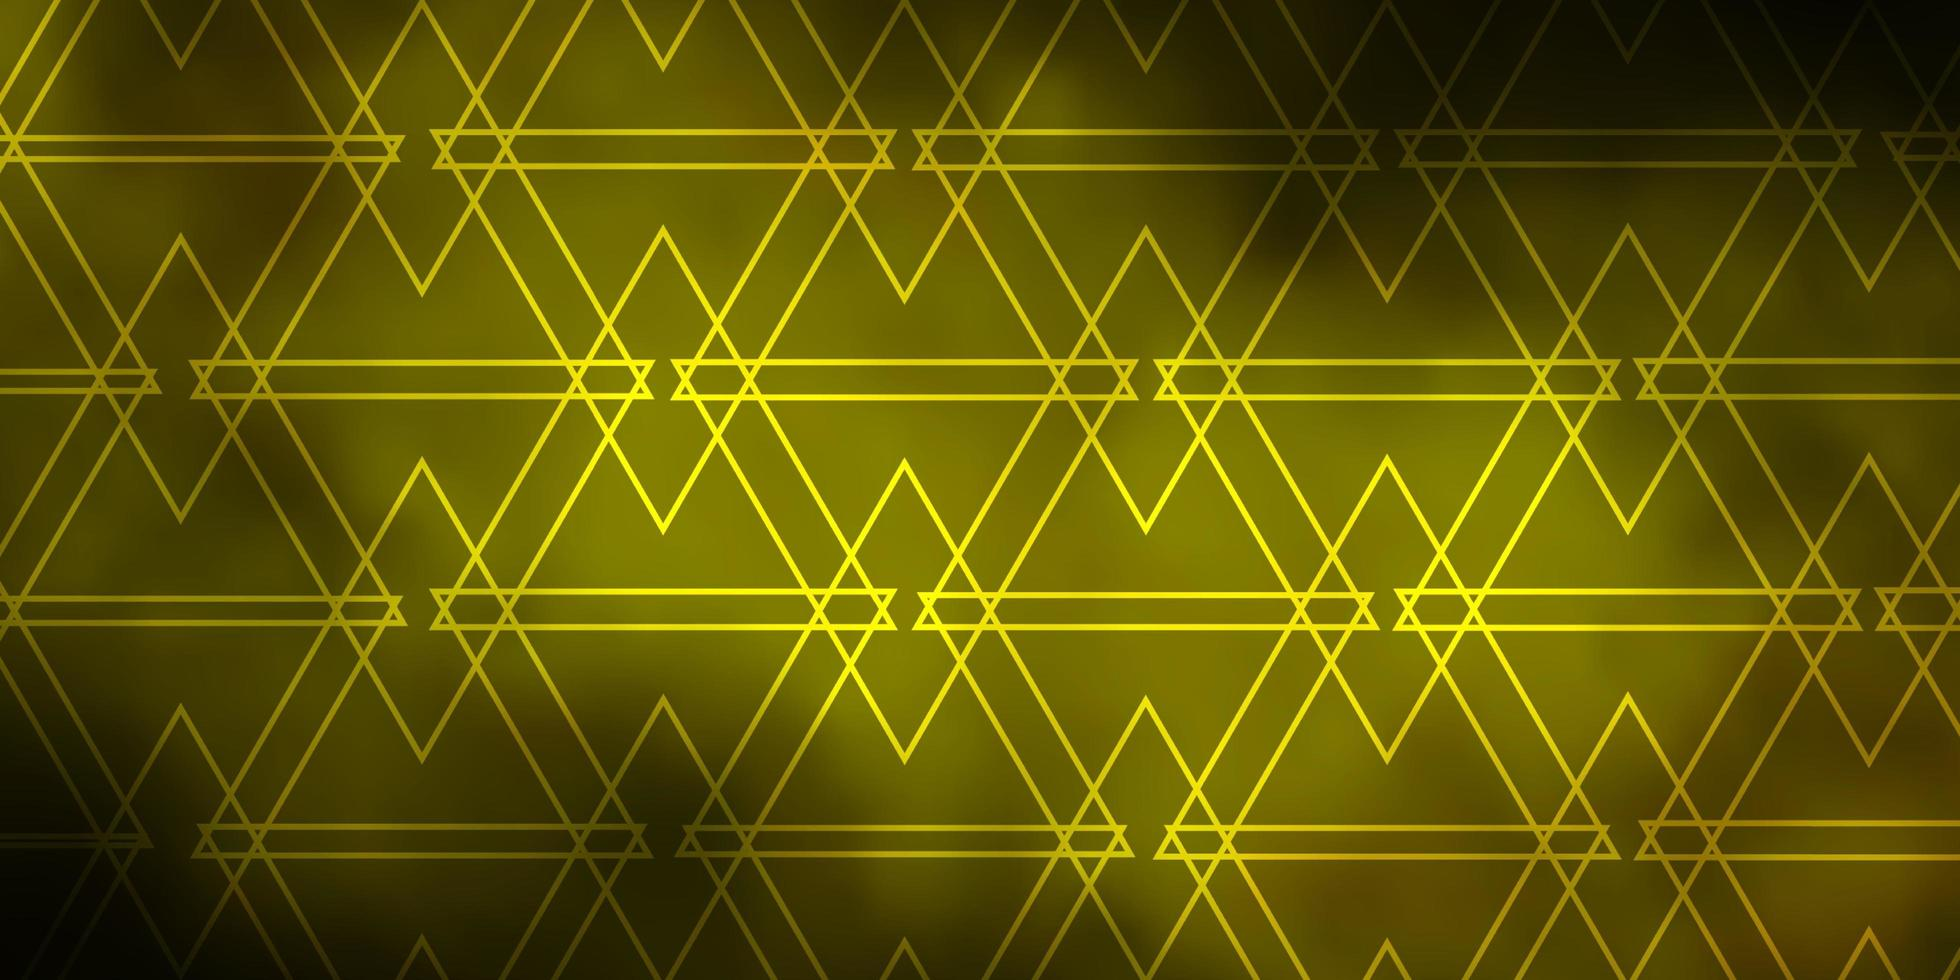 fond vert foncé et jaune avec des triangles. vecteur